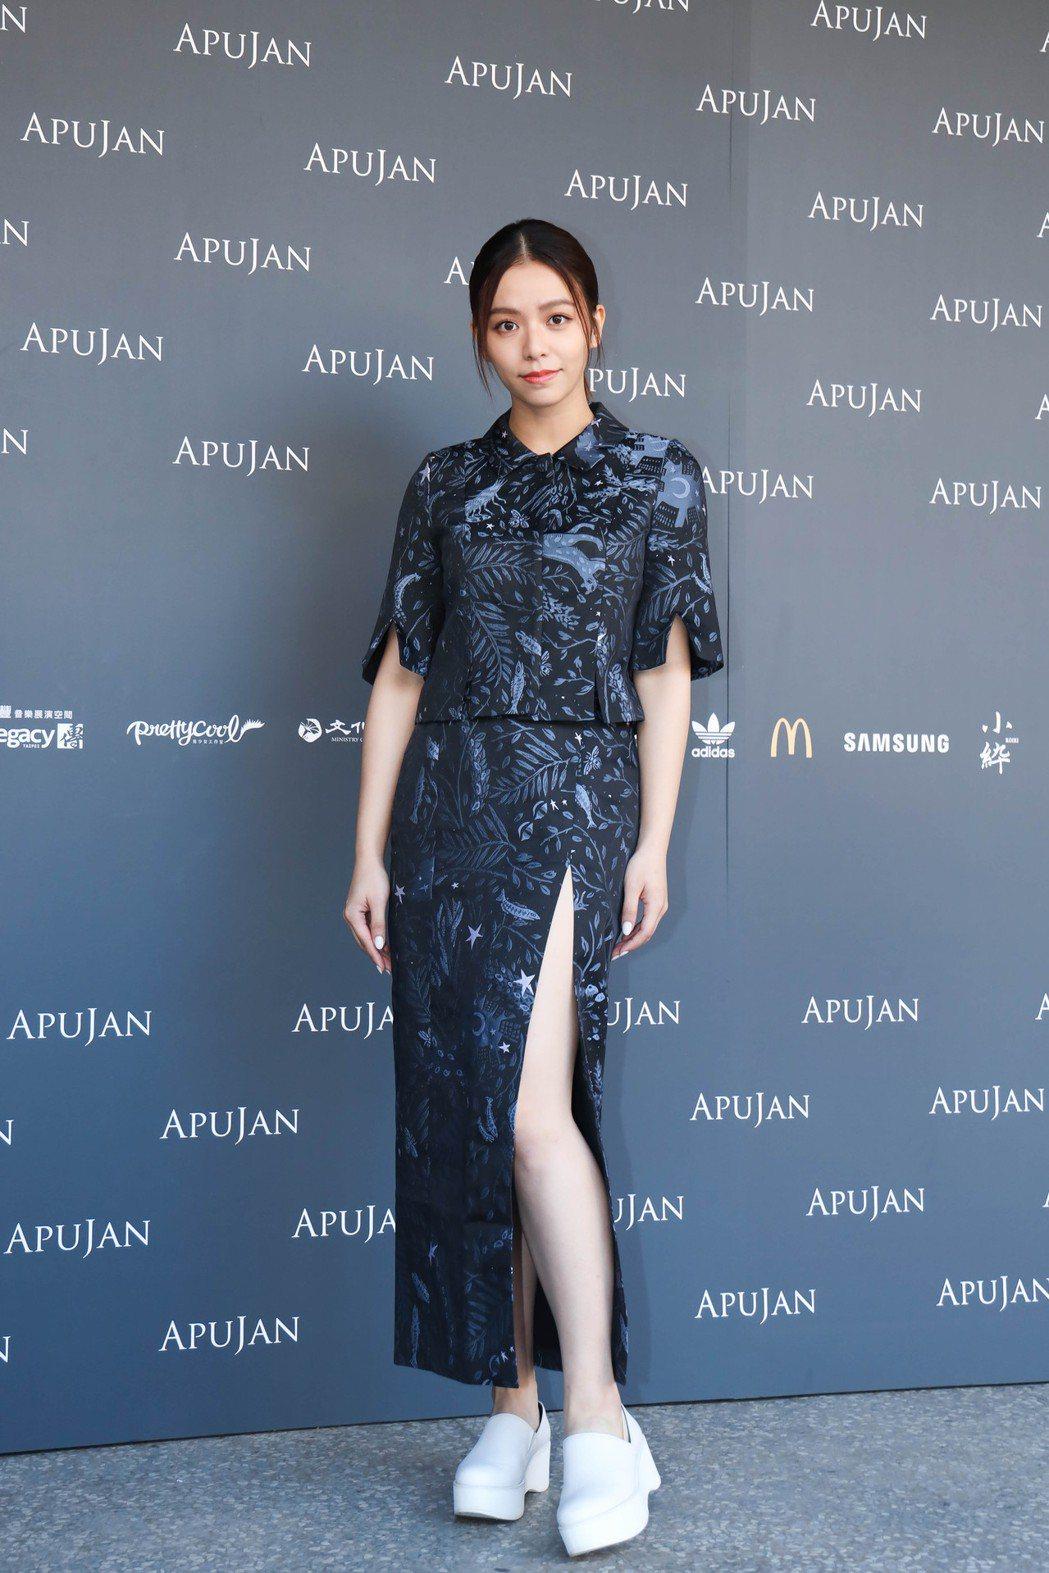 宋芸樺出席APUJAN 2021秋冬系列發表會。記者/吳致碩攝影